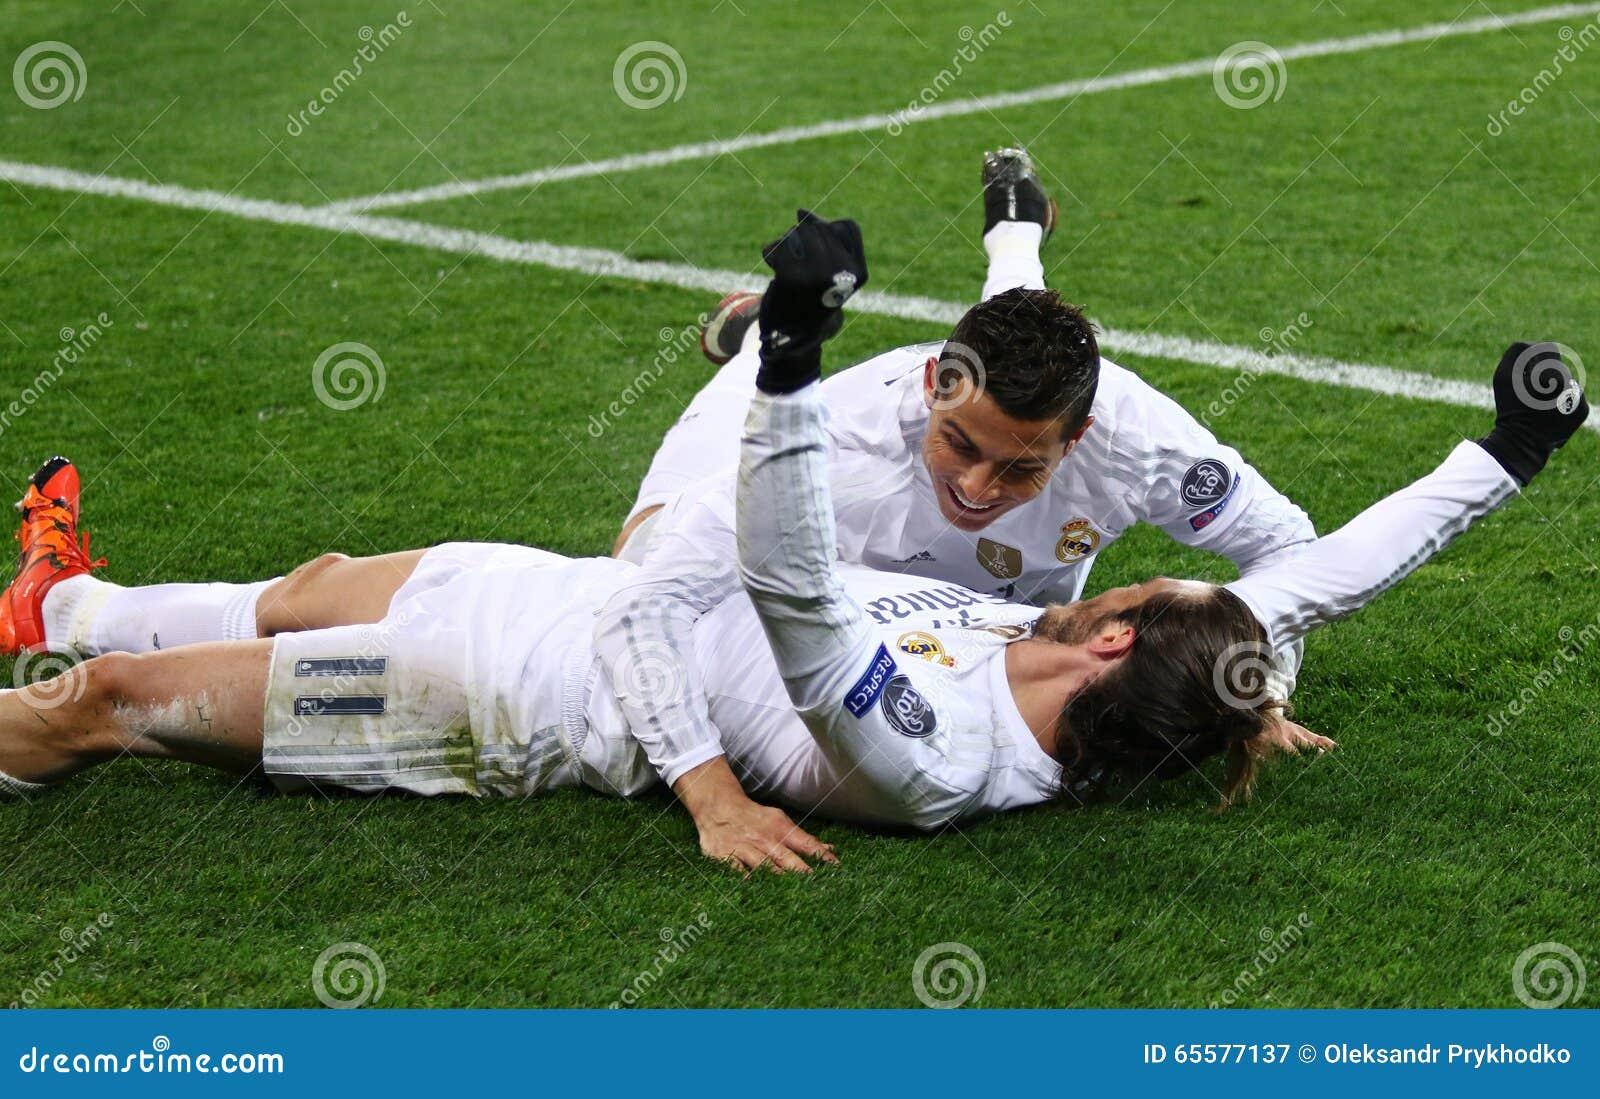 Jogo Shakhtar da liga de campeões de UEFA contra o Real Madrid